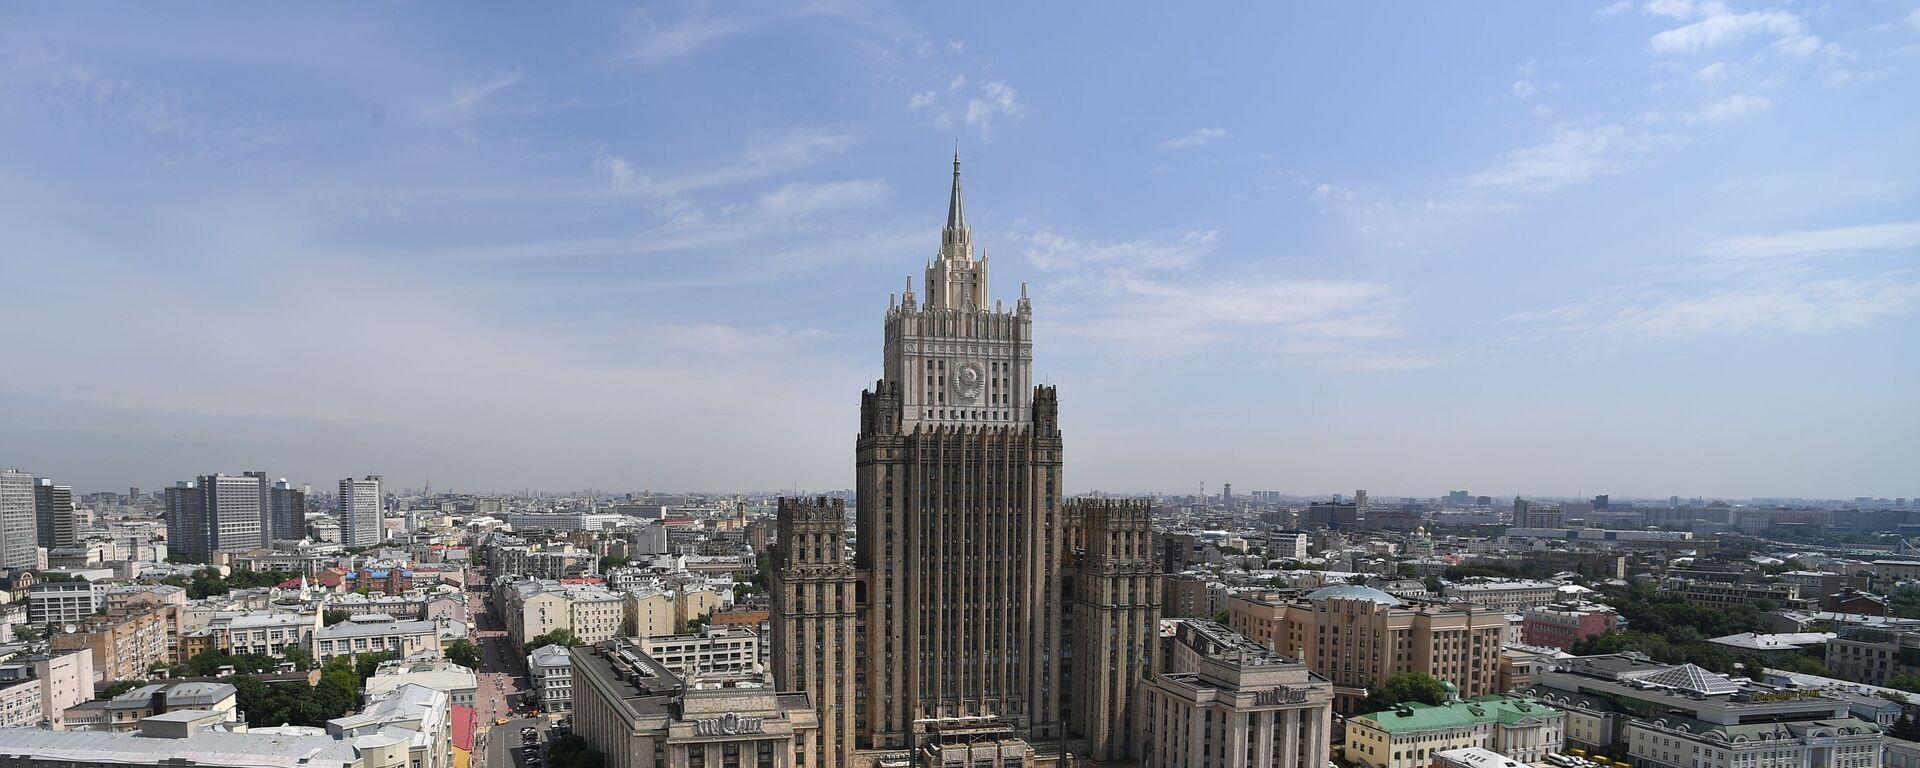 რუსეთის საგარეო საქმეთა სამინისტრო - Sputnik საქართველო, 1920, 16.04.2021